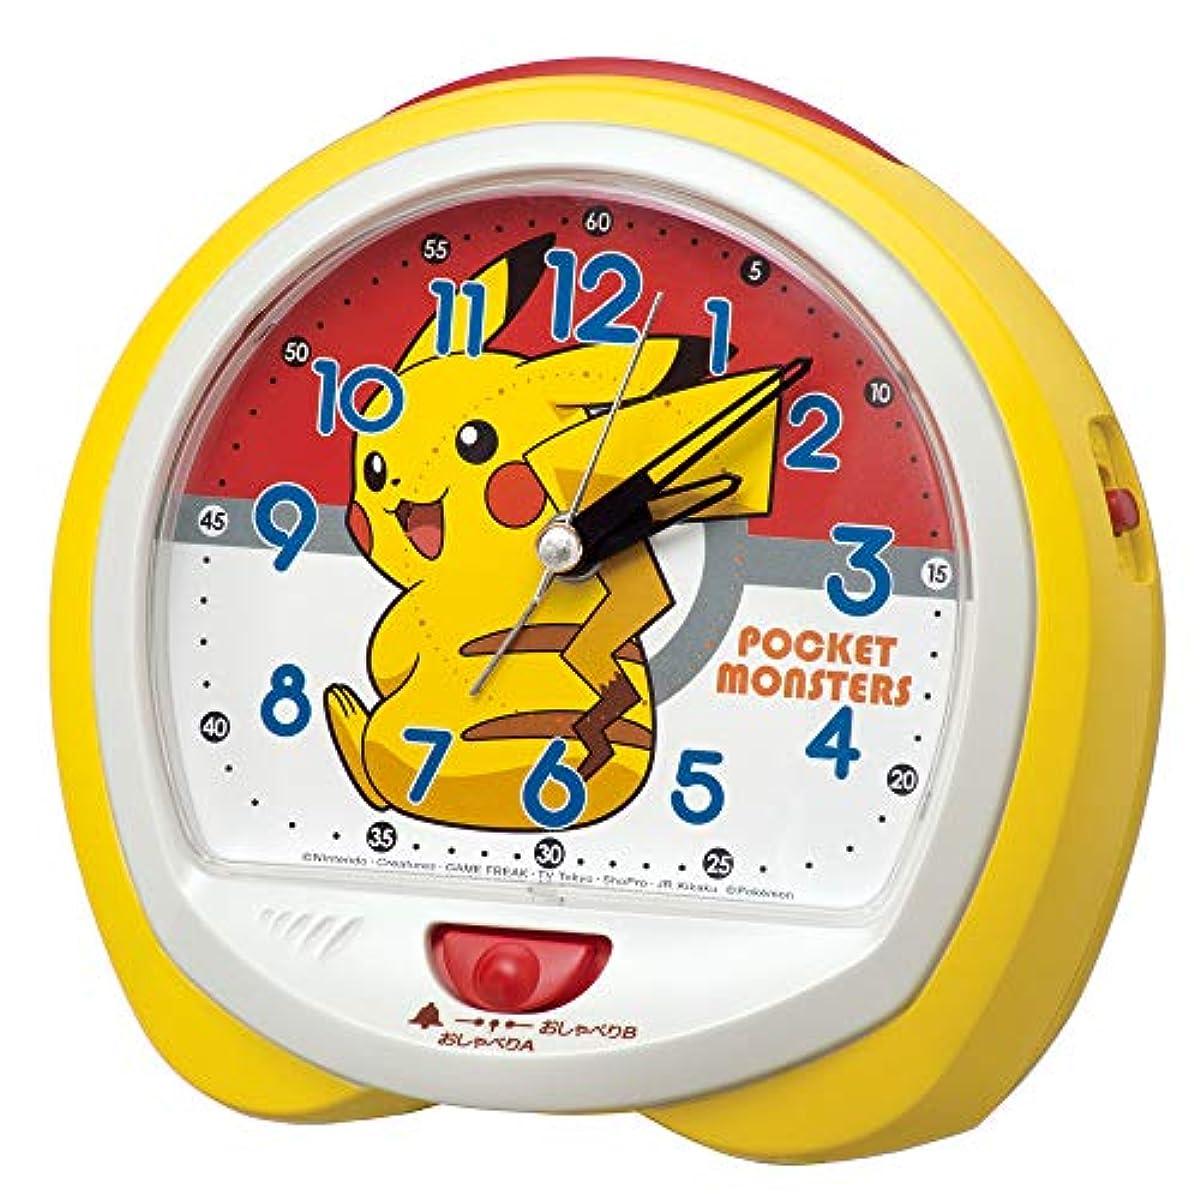 [해외] 세이코 clock 탁상시계 04:피카츄옐로우 본체 사이즈:13.0×14.0×9.6CM 포켓 몬스터 피카츄 아날로그 교환식 CQ421Y